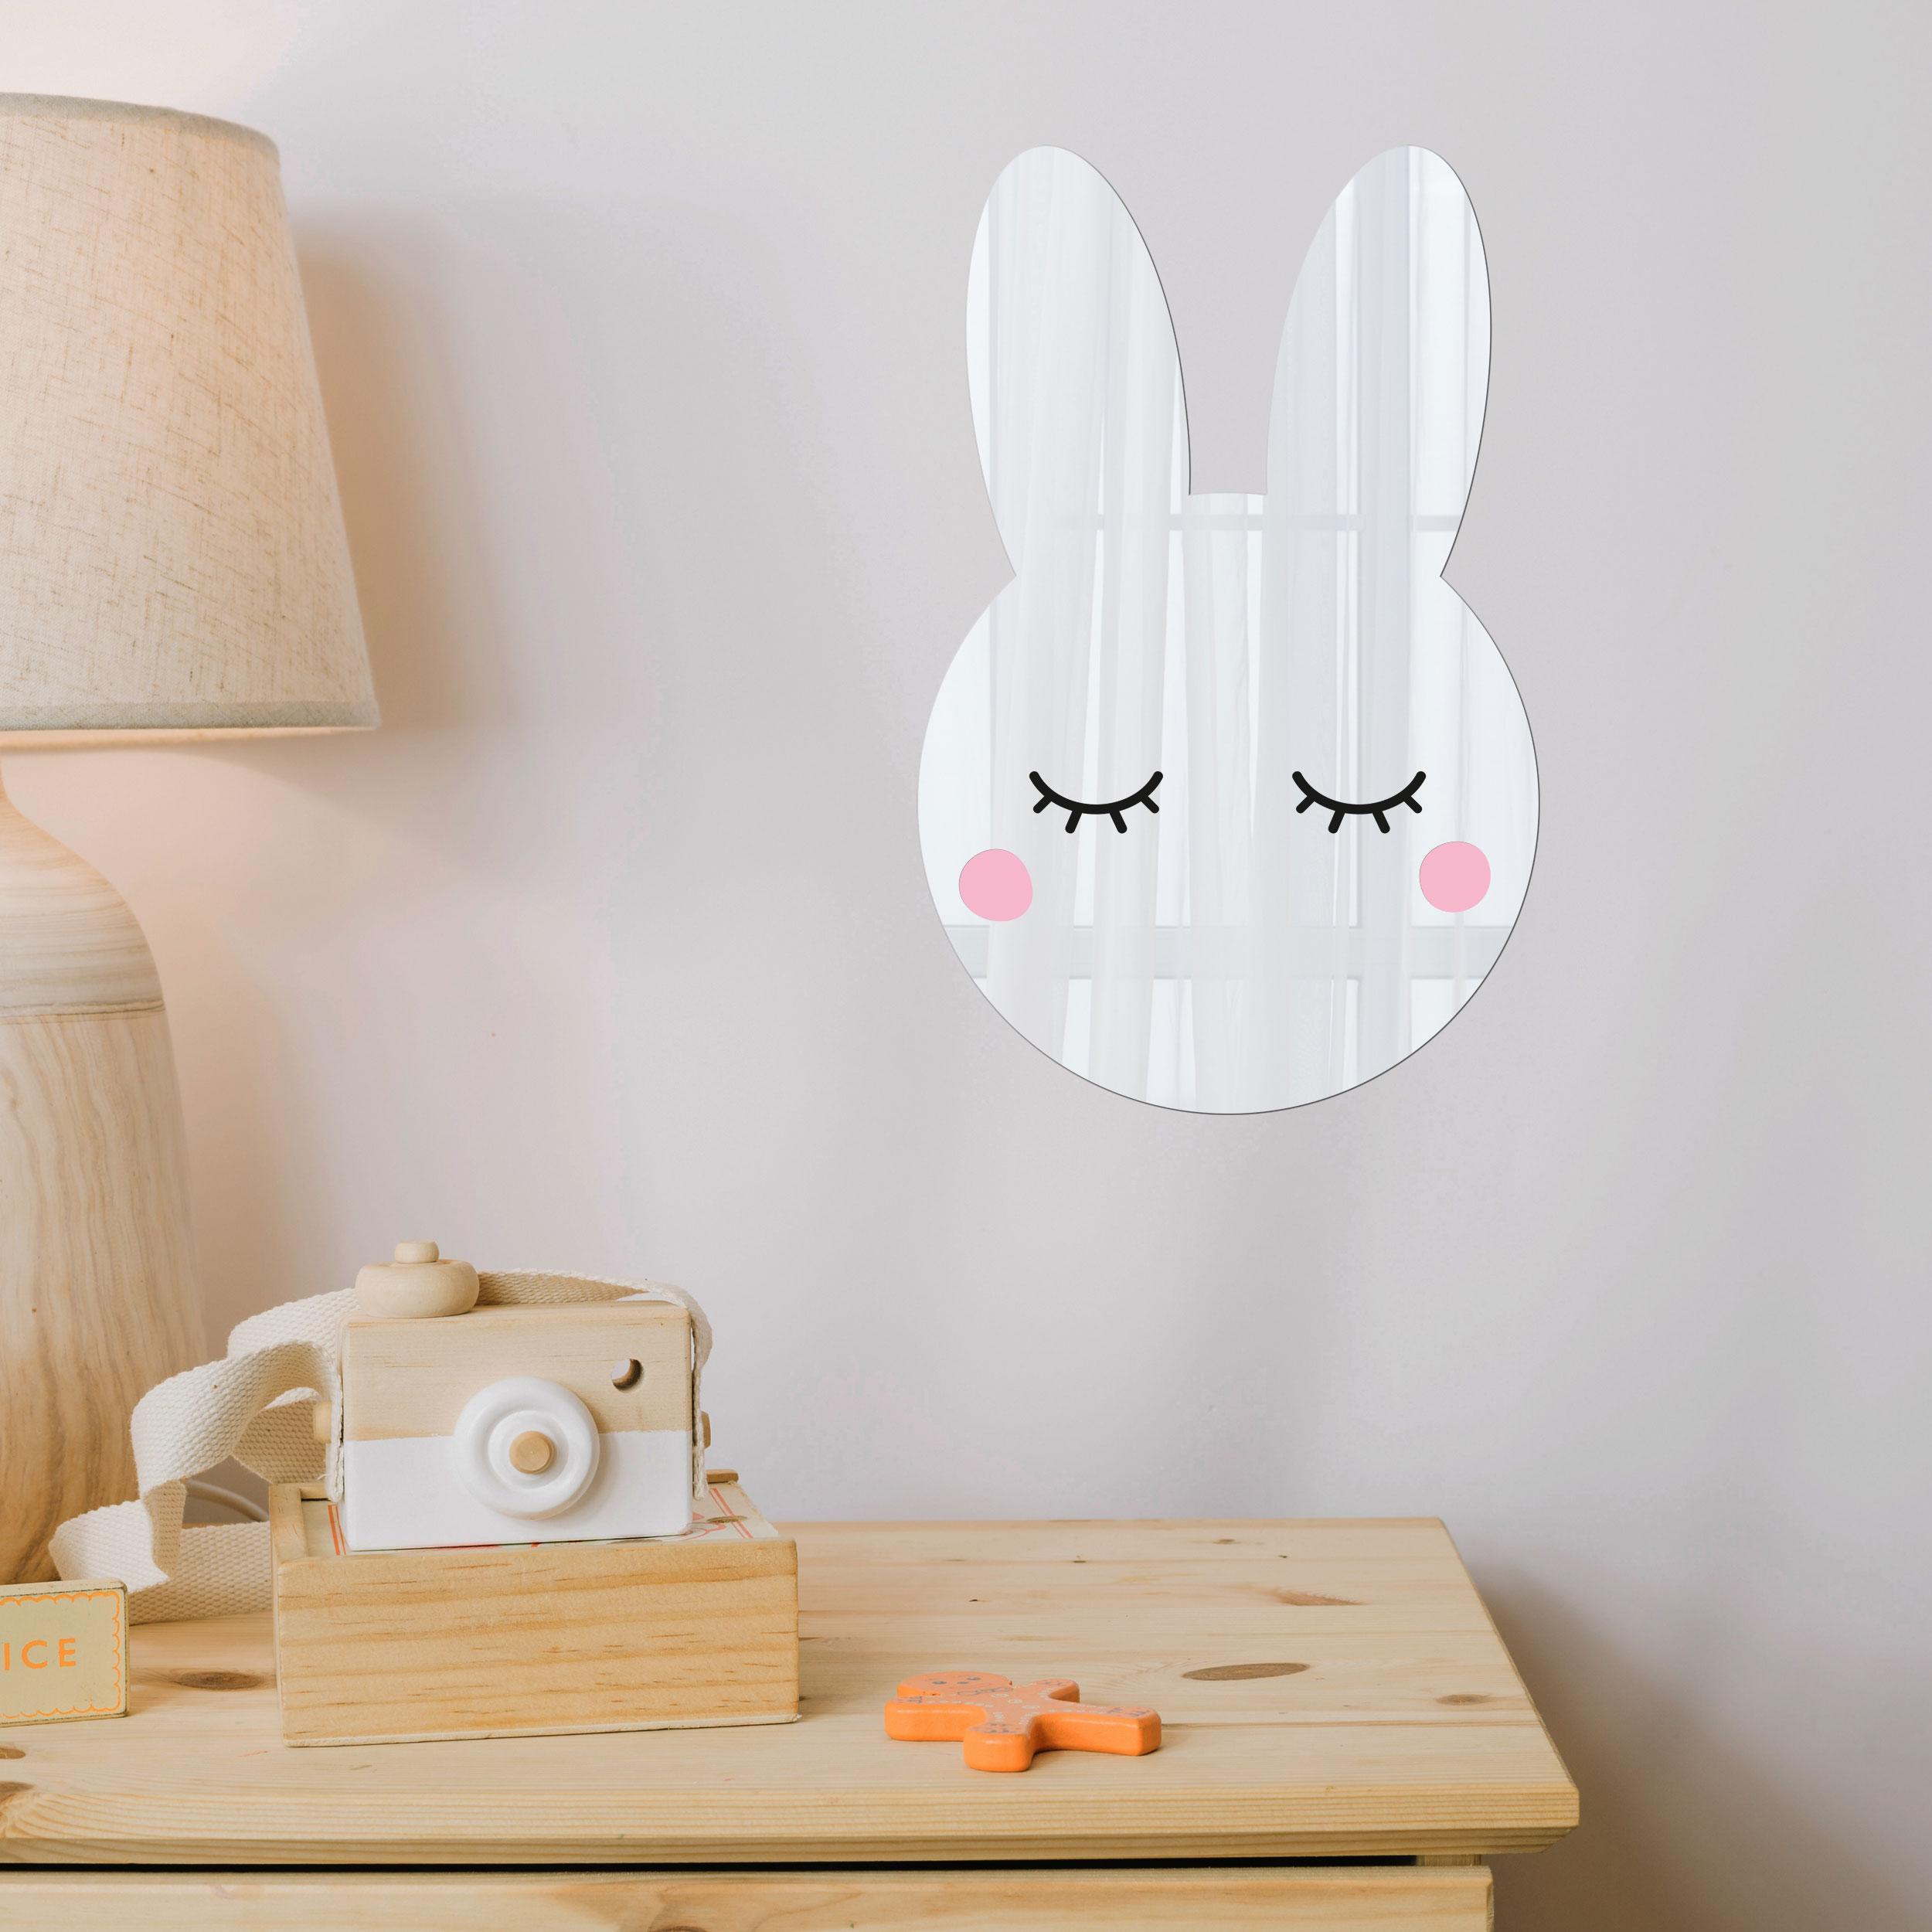 آينه فانتزی طرح خرگوش